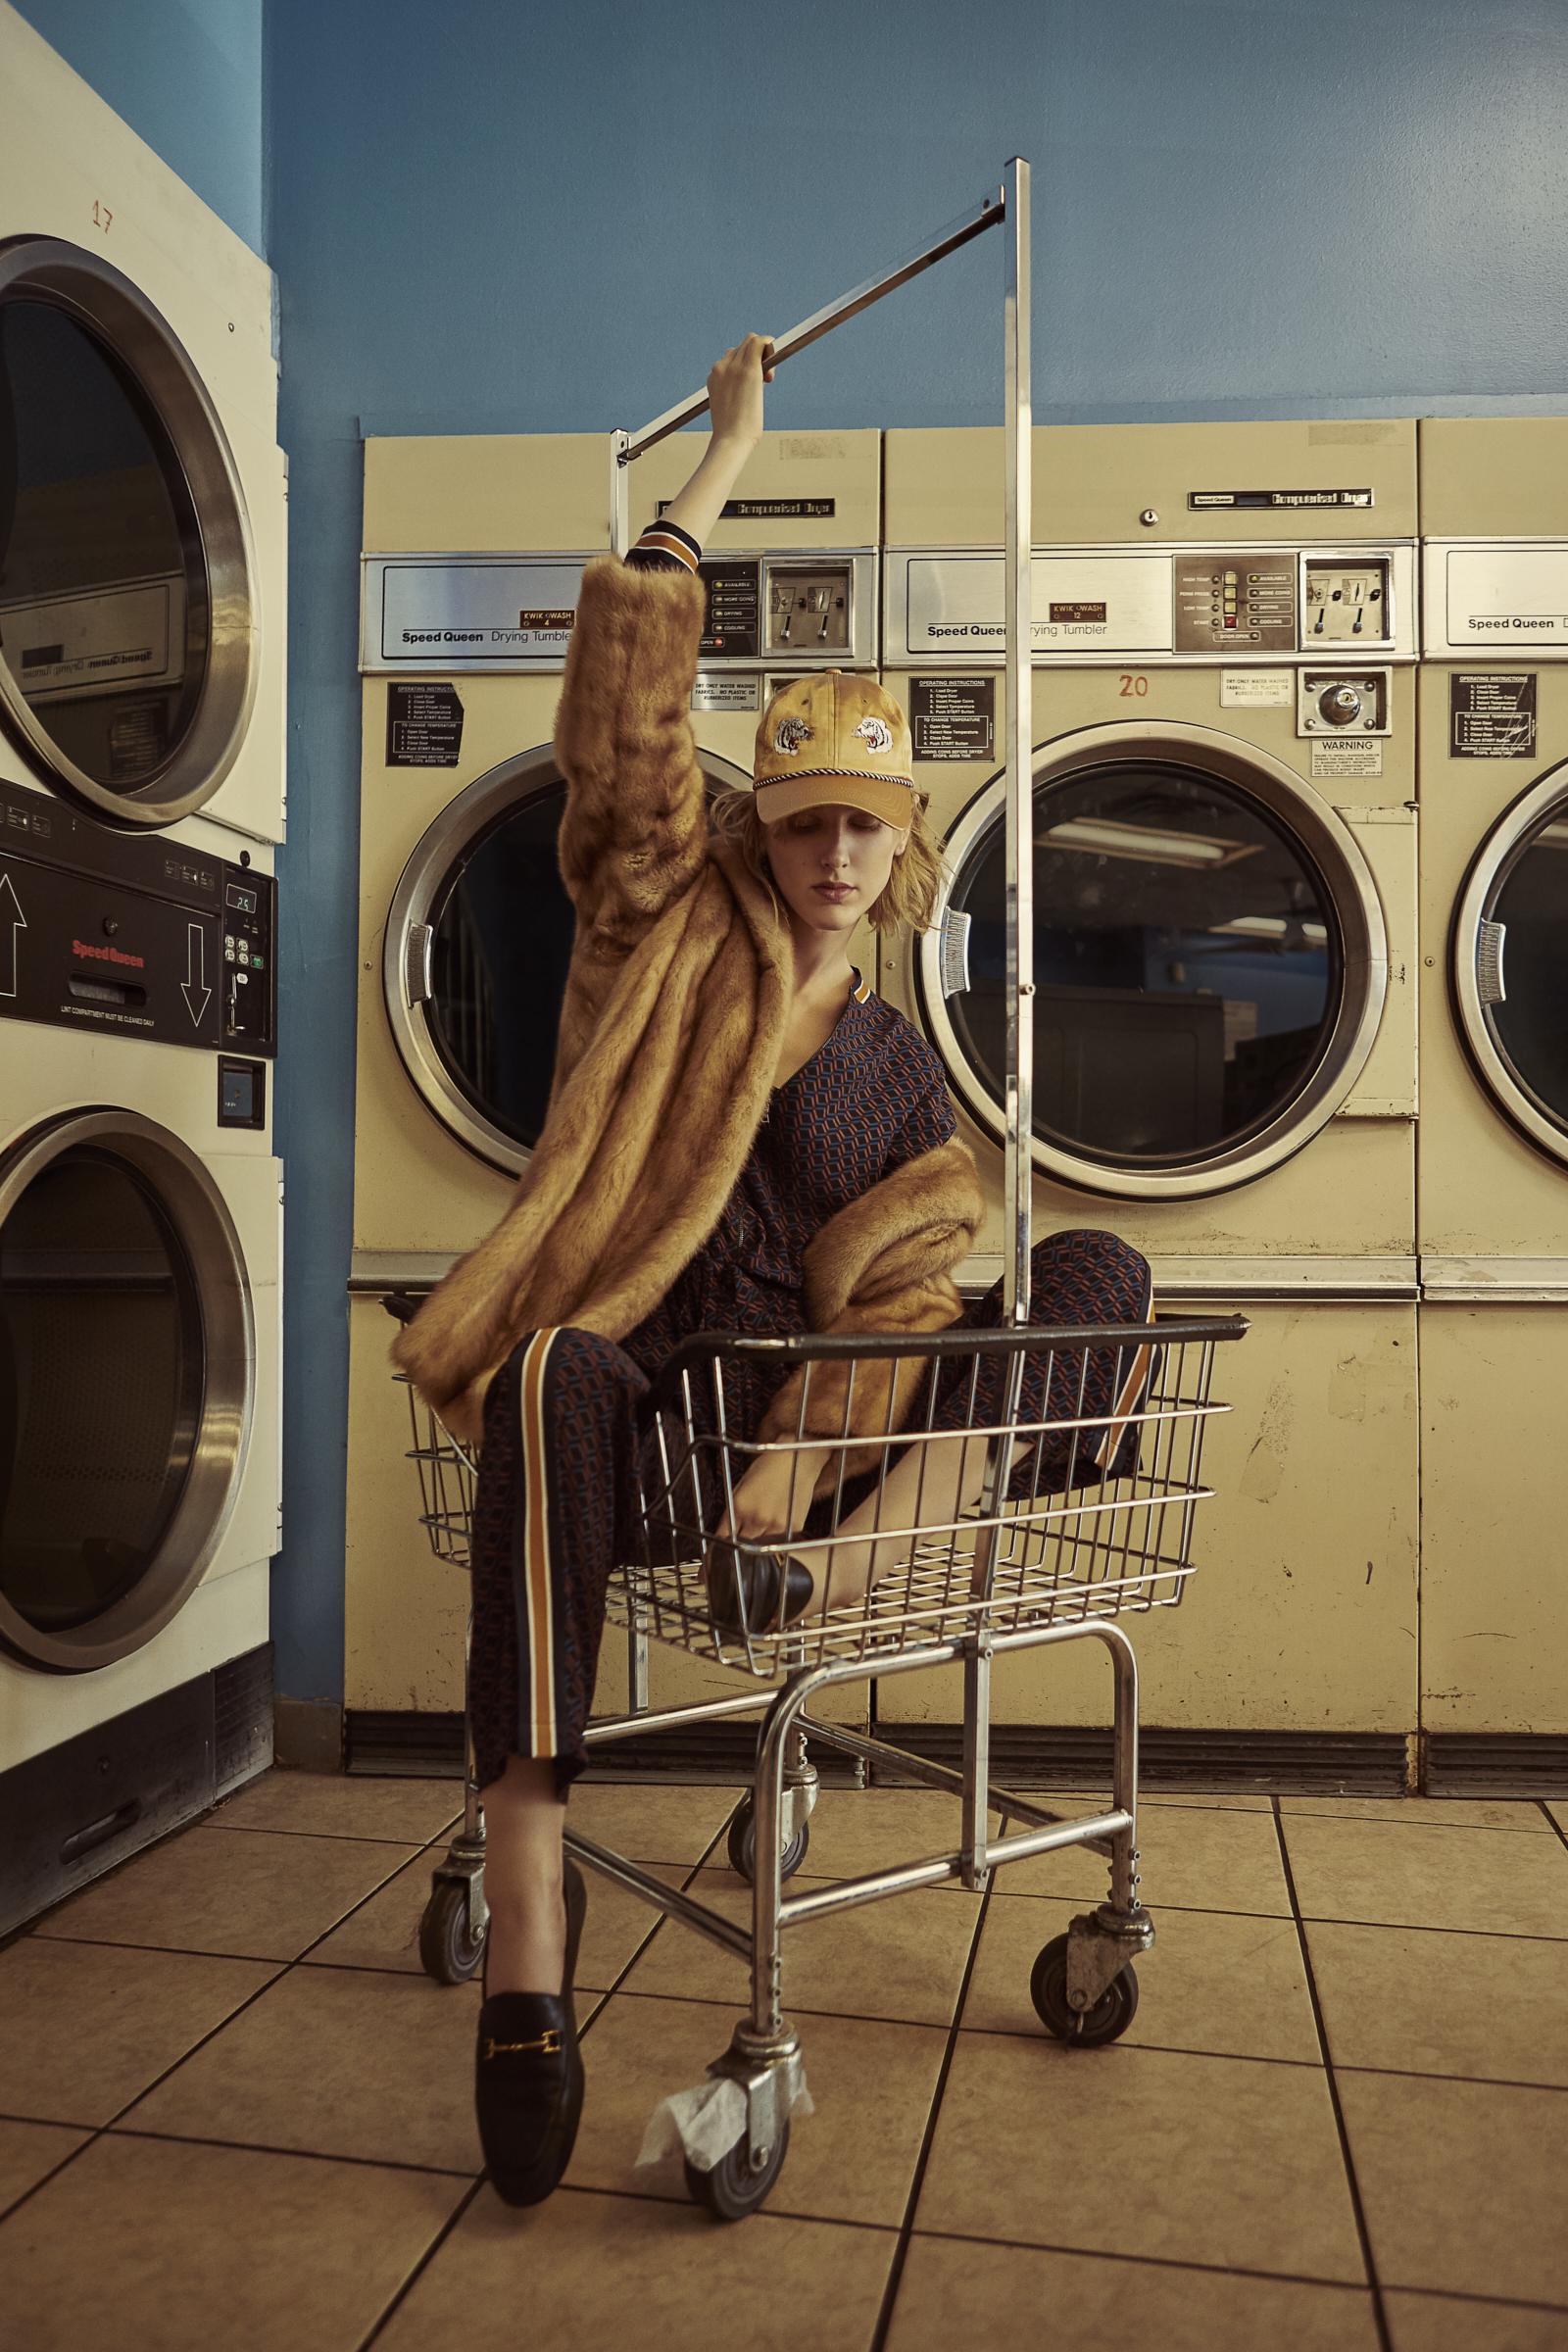 Drea_Laundry_Mat_7360.jpg